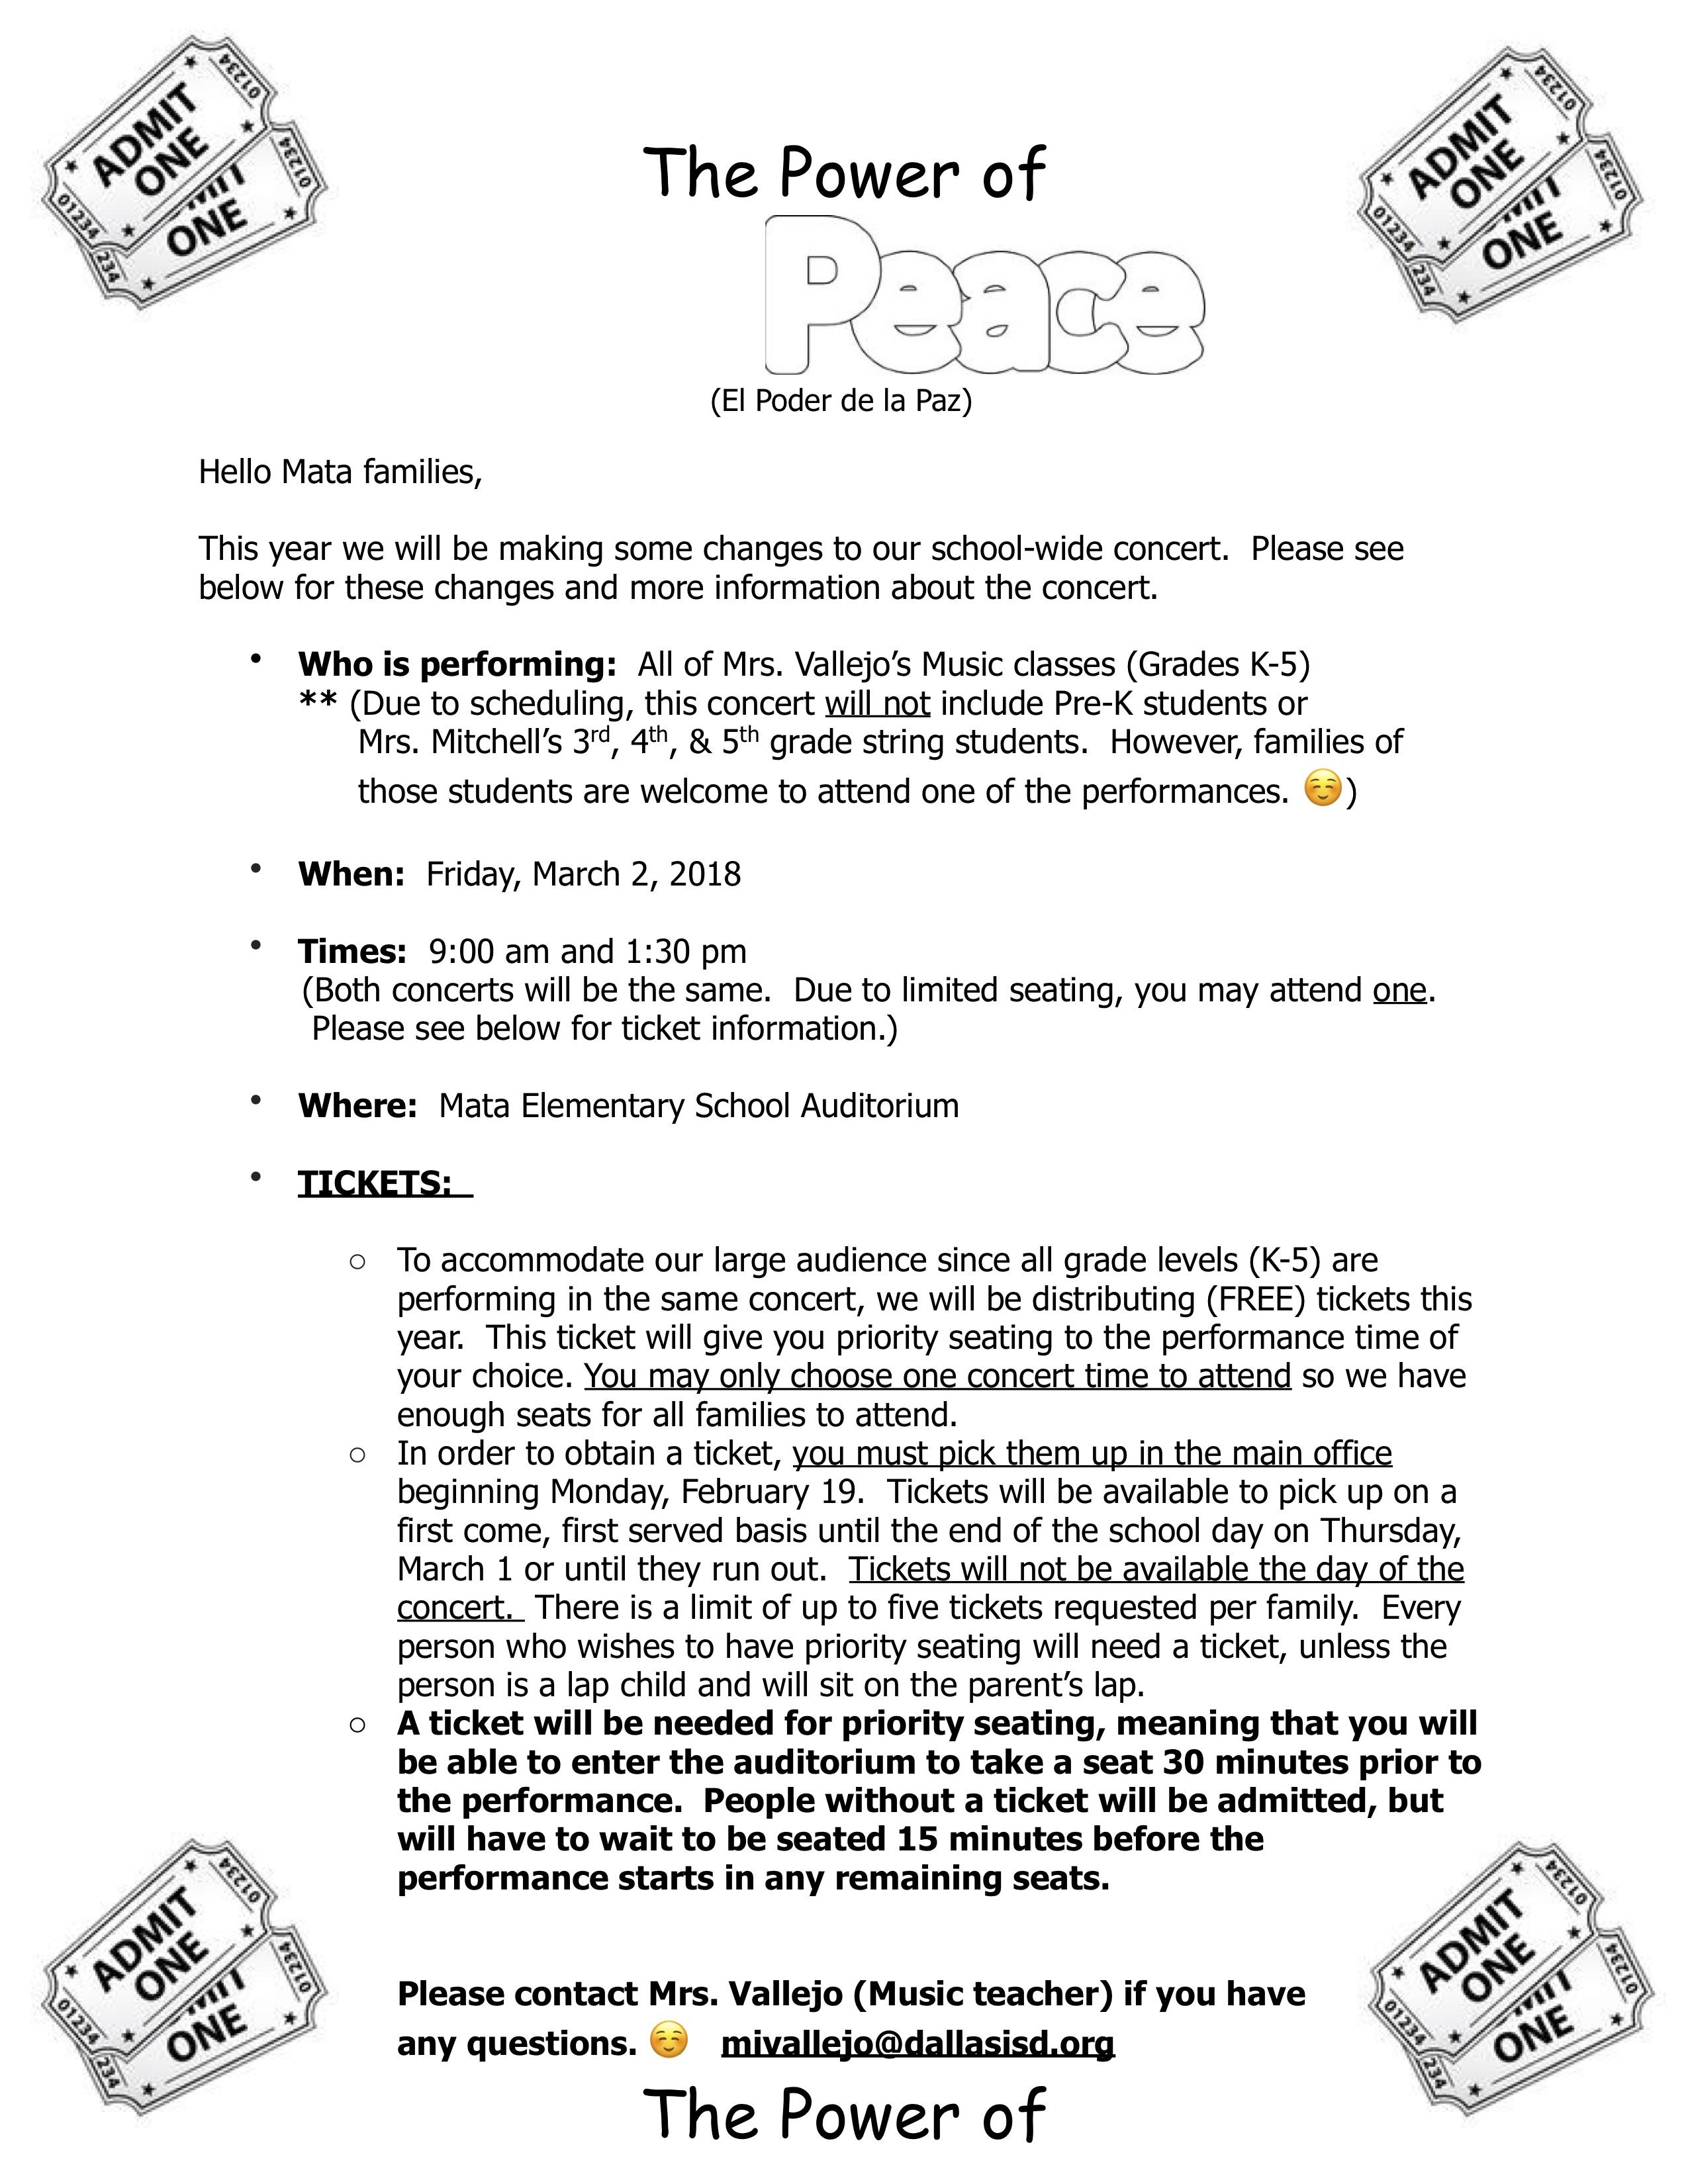 Power of Peace Performances (9:00am and 1:30pm) @ Mata Montessori Auditorium